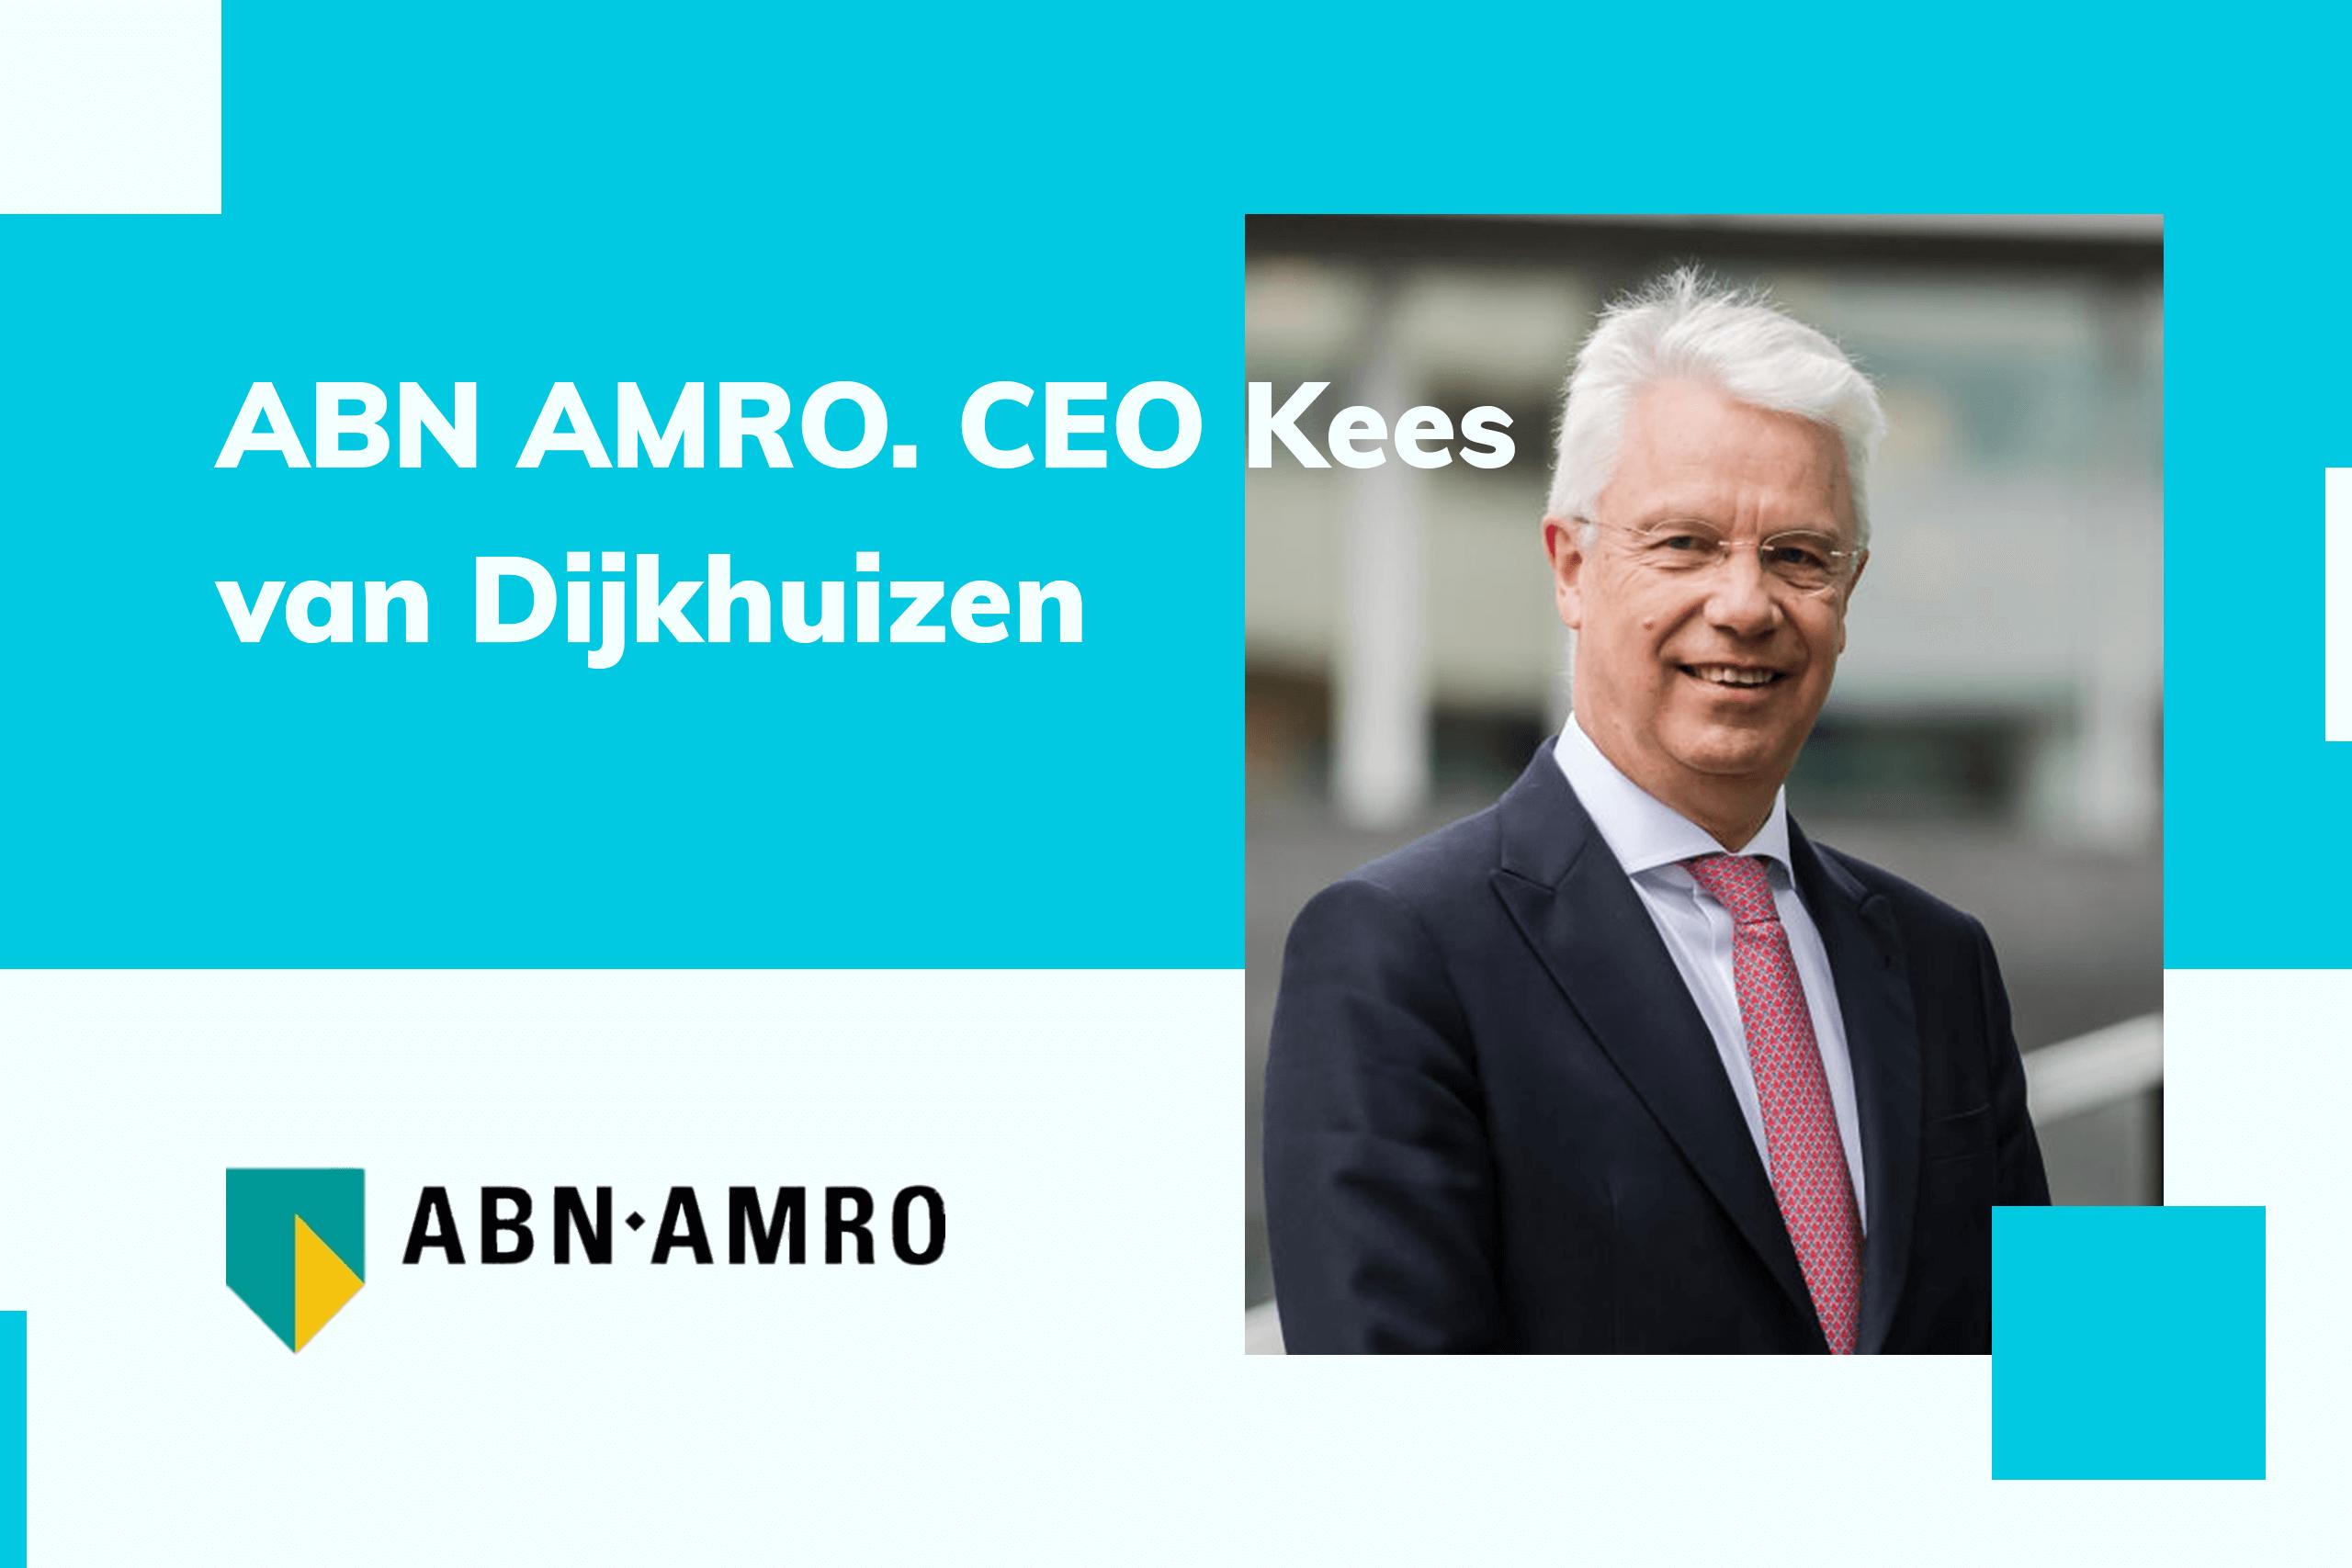 ABN AMRO. CEO Kees van Dijkhuizen